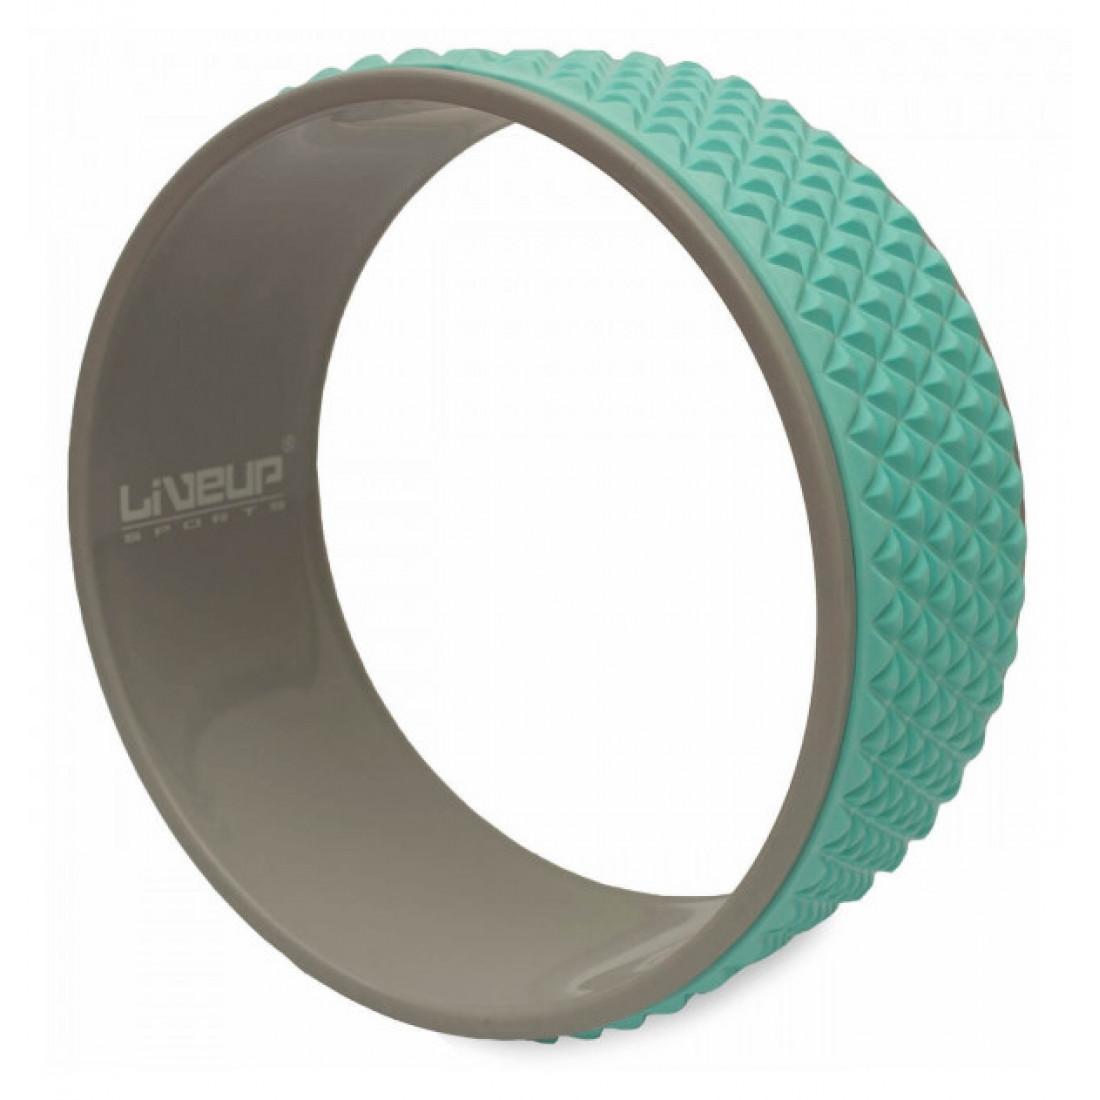 Йога: Колесо для йоги и фитнеса LiveUp YOGA RING серо/голубое